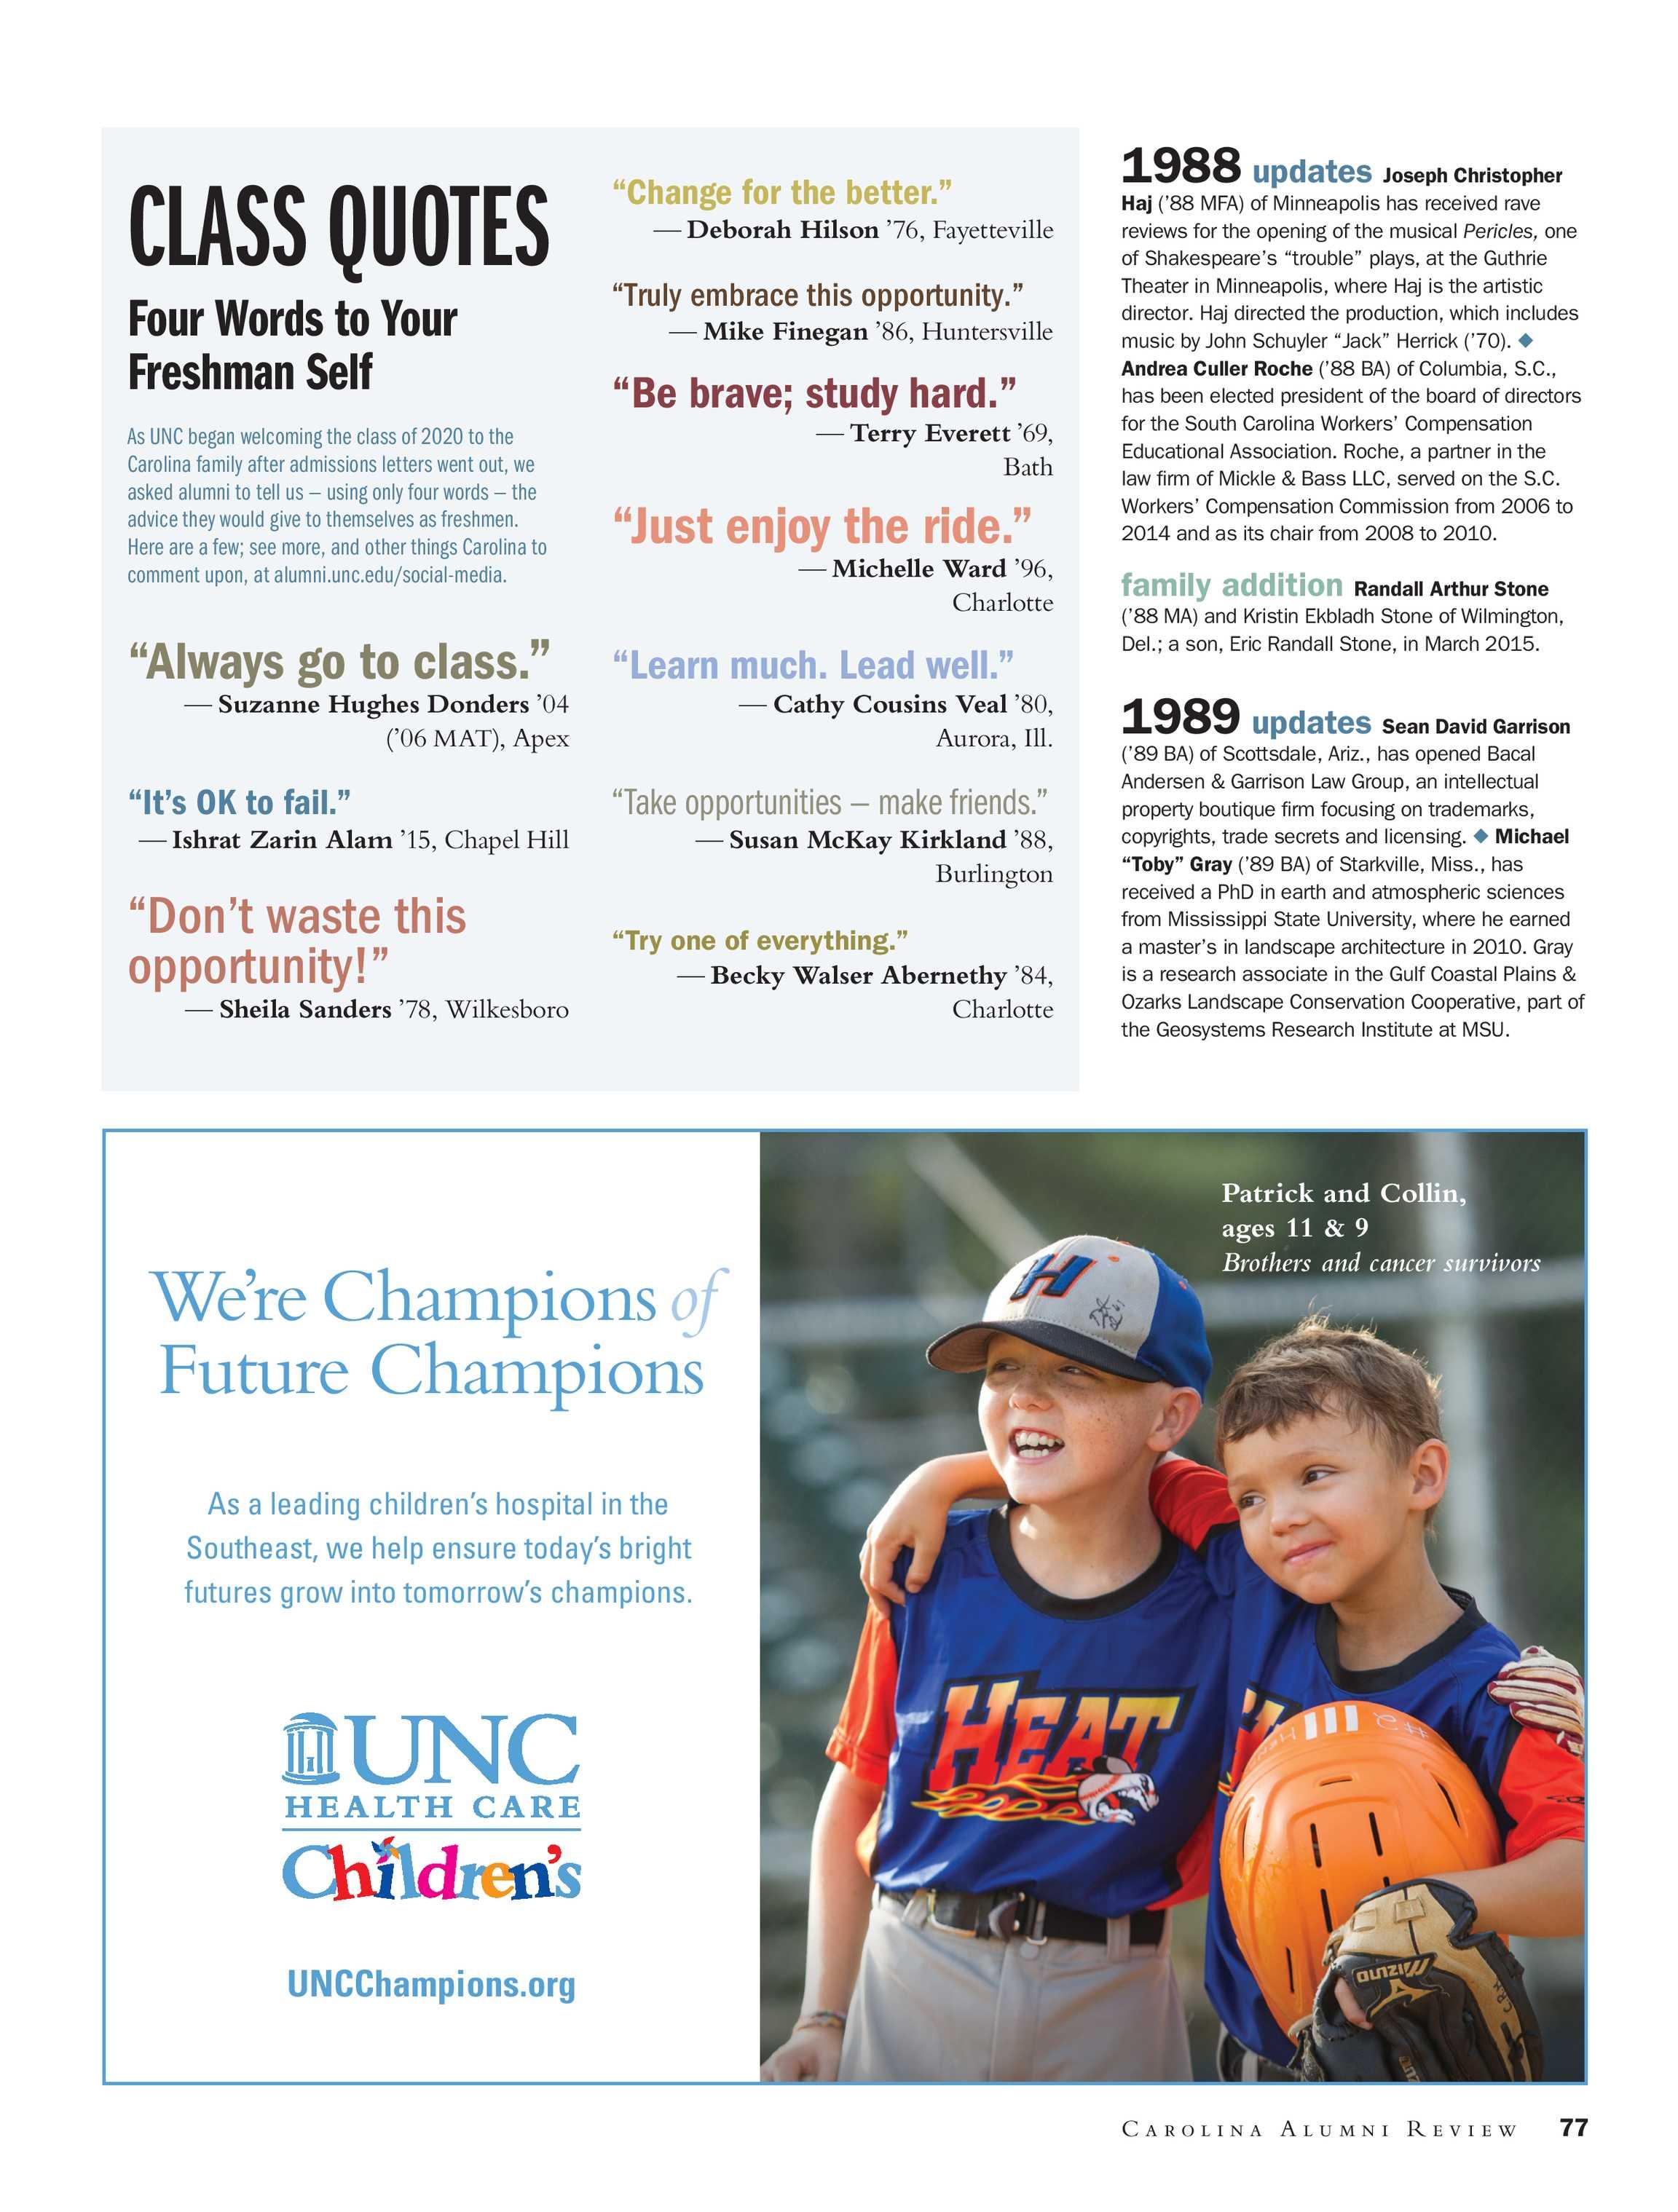 Carolina Alumni Review   May/June 2016   page 77